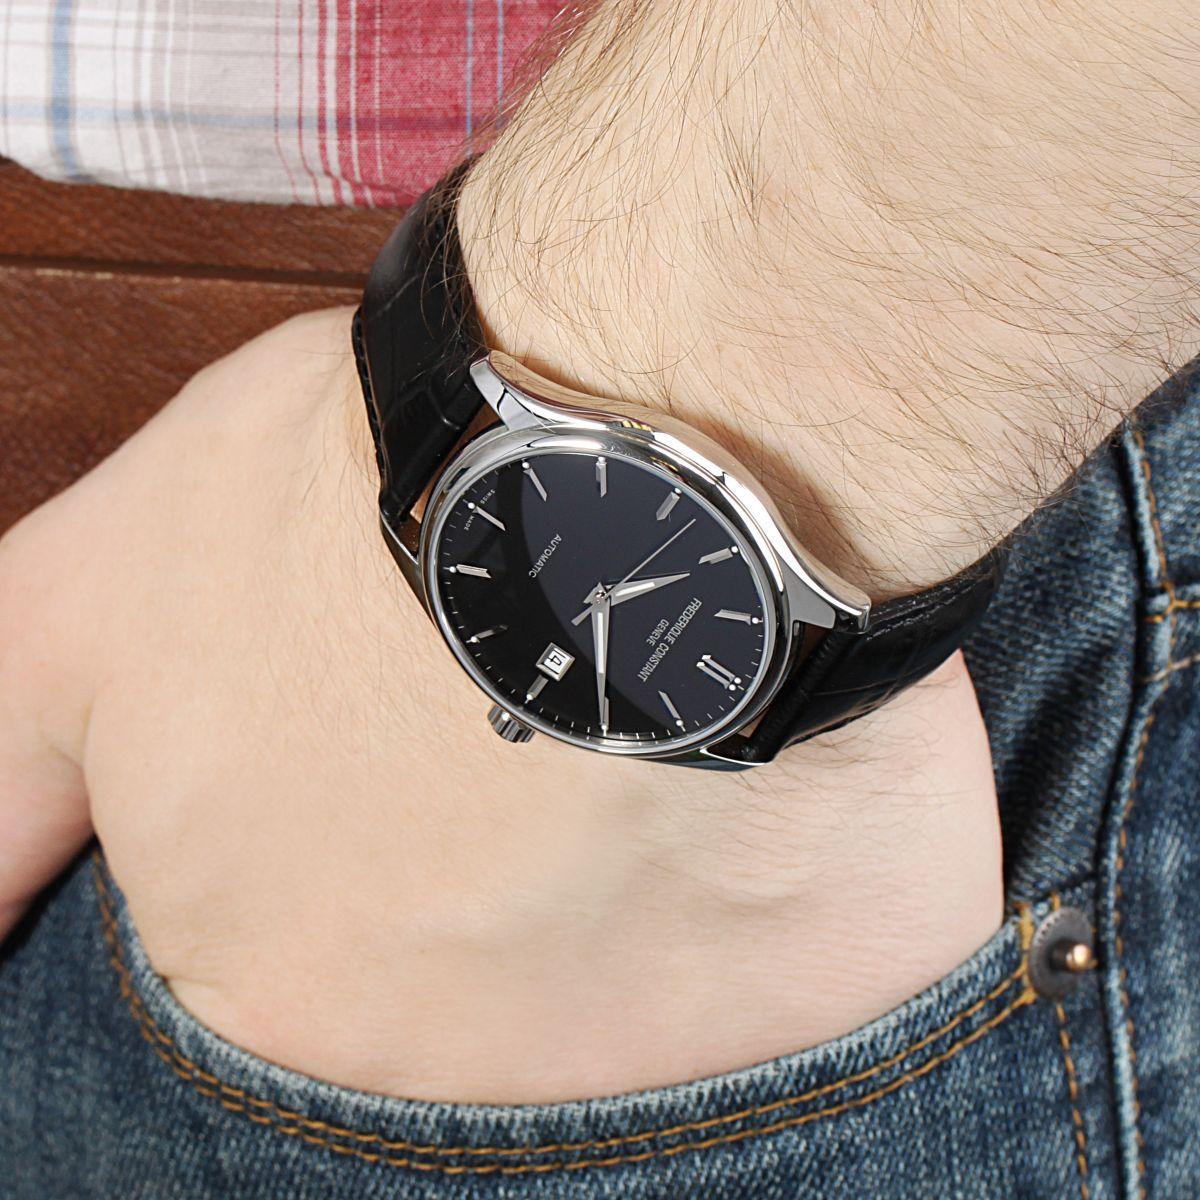 Đồng hồ Frederique Constant FC-303B5B6 dây da 5